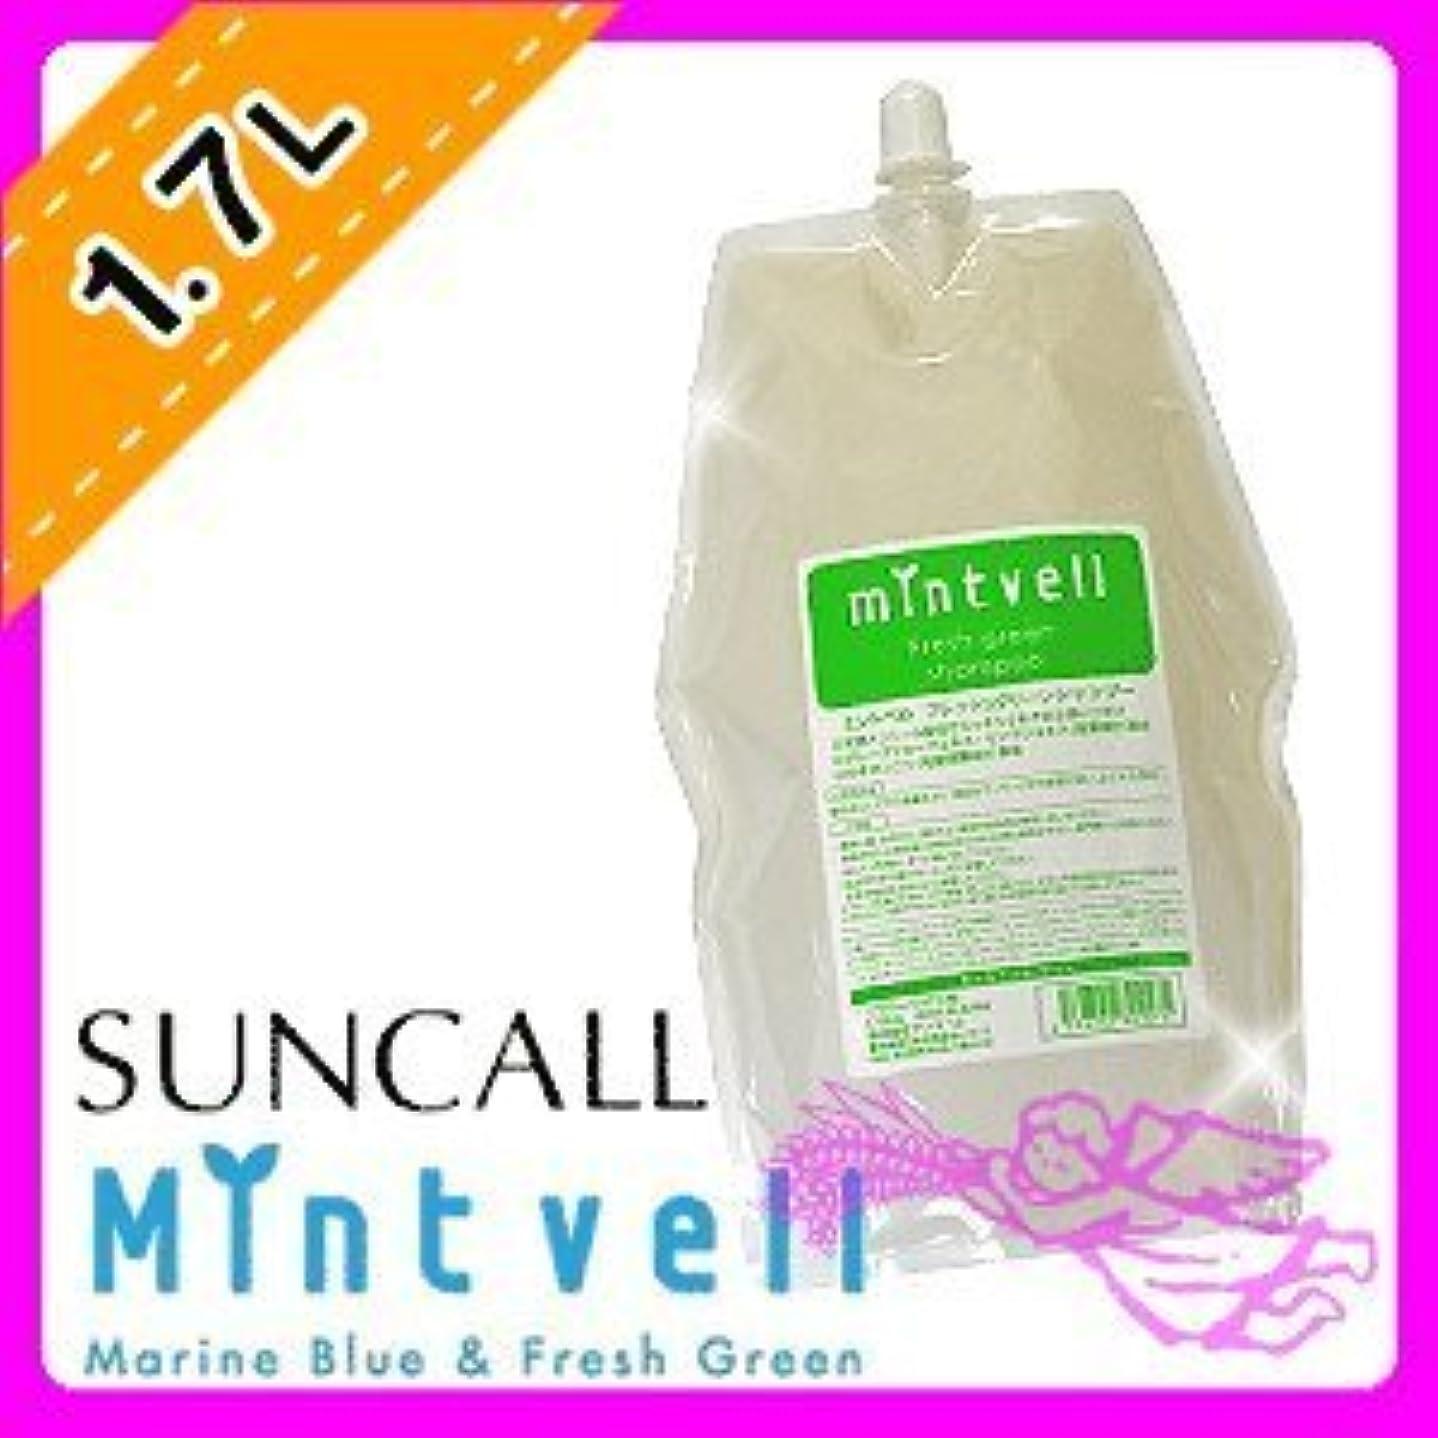 地元ダイヤモンドサンコール ミントベル フレッシュグリーン シャンプー <1700mL> 詰め替え用 SUNCALL mintvell メントール